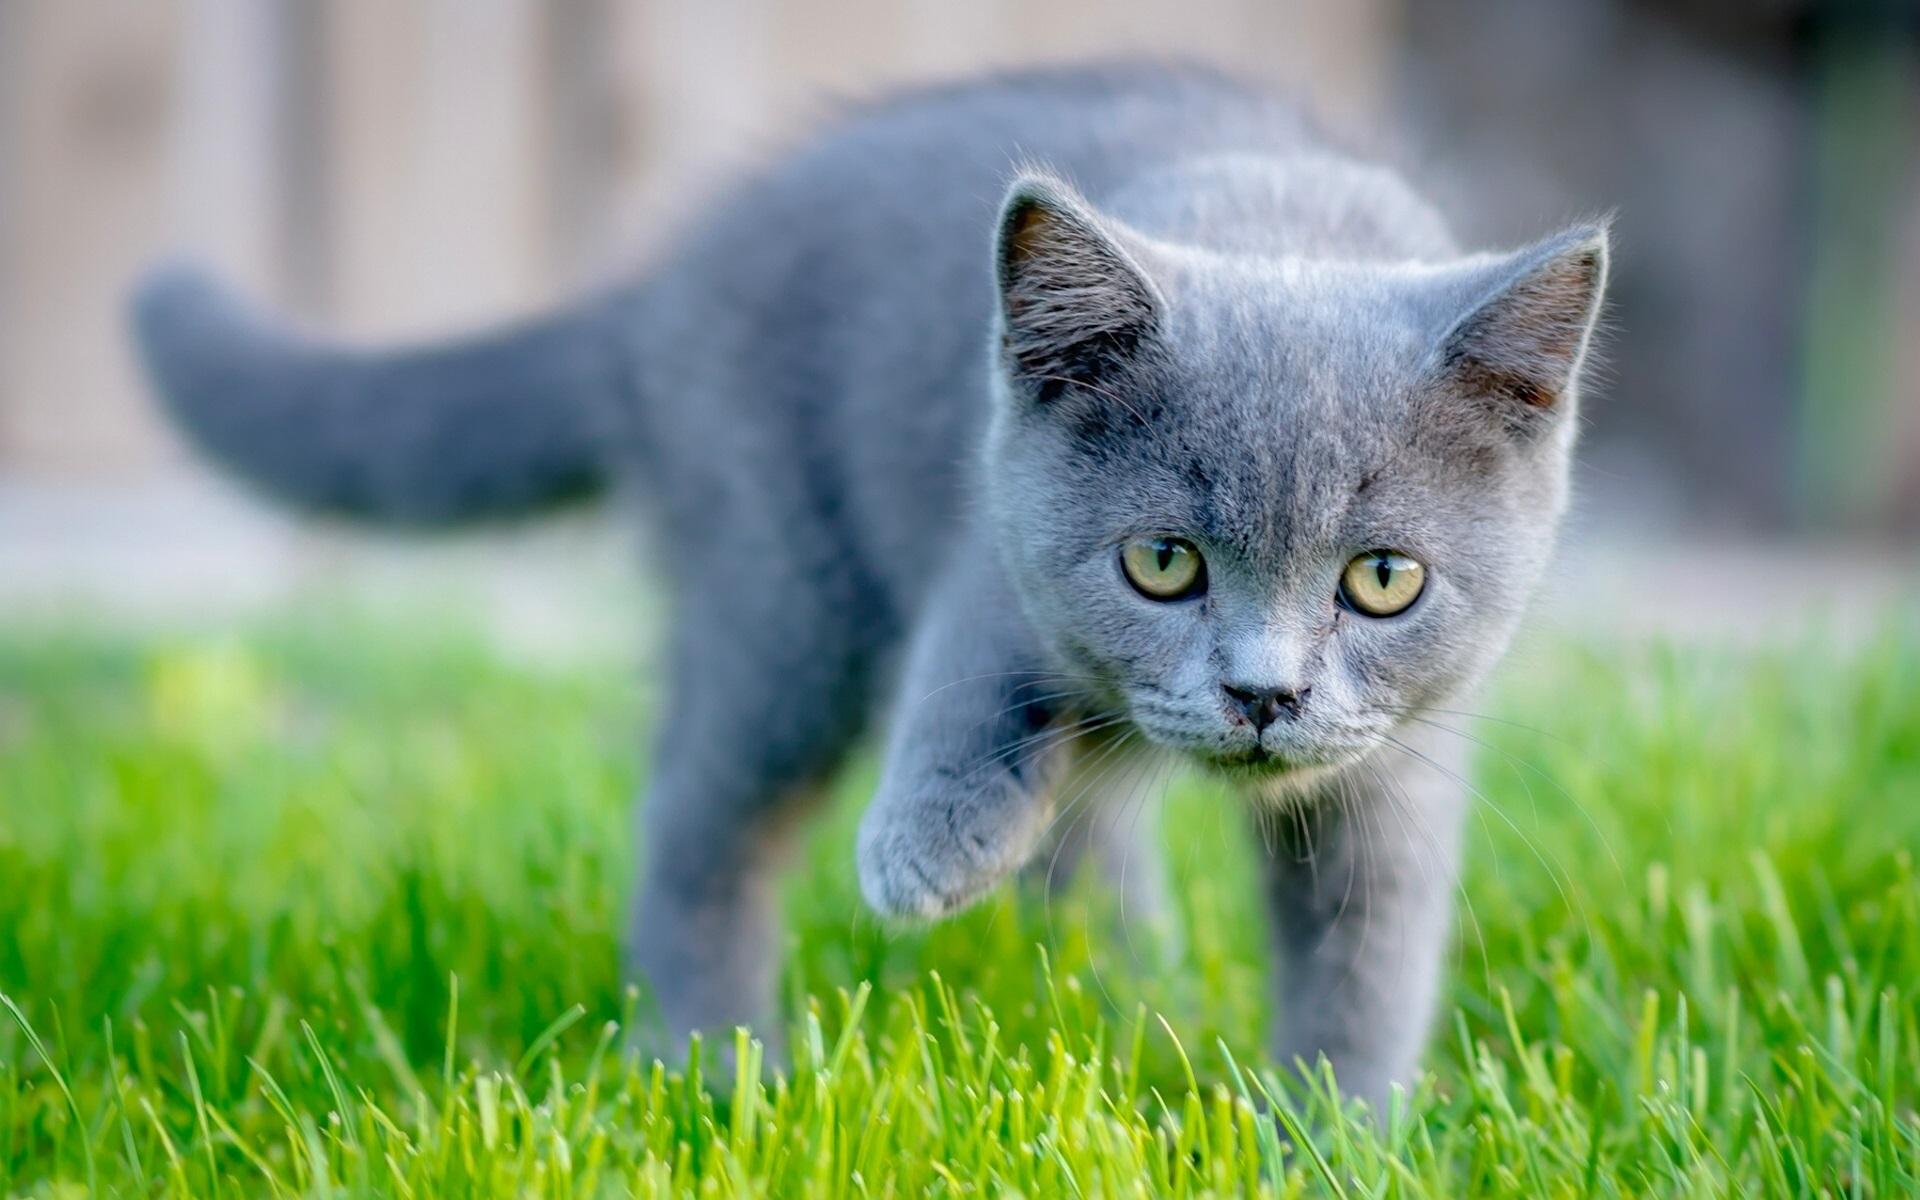 Дымчатый кот в траве  № 252545 загрузить